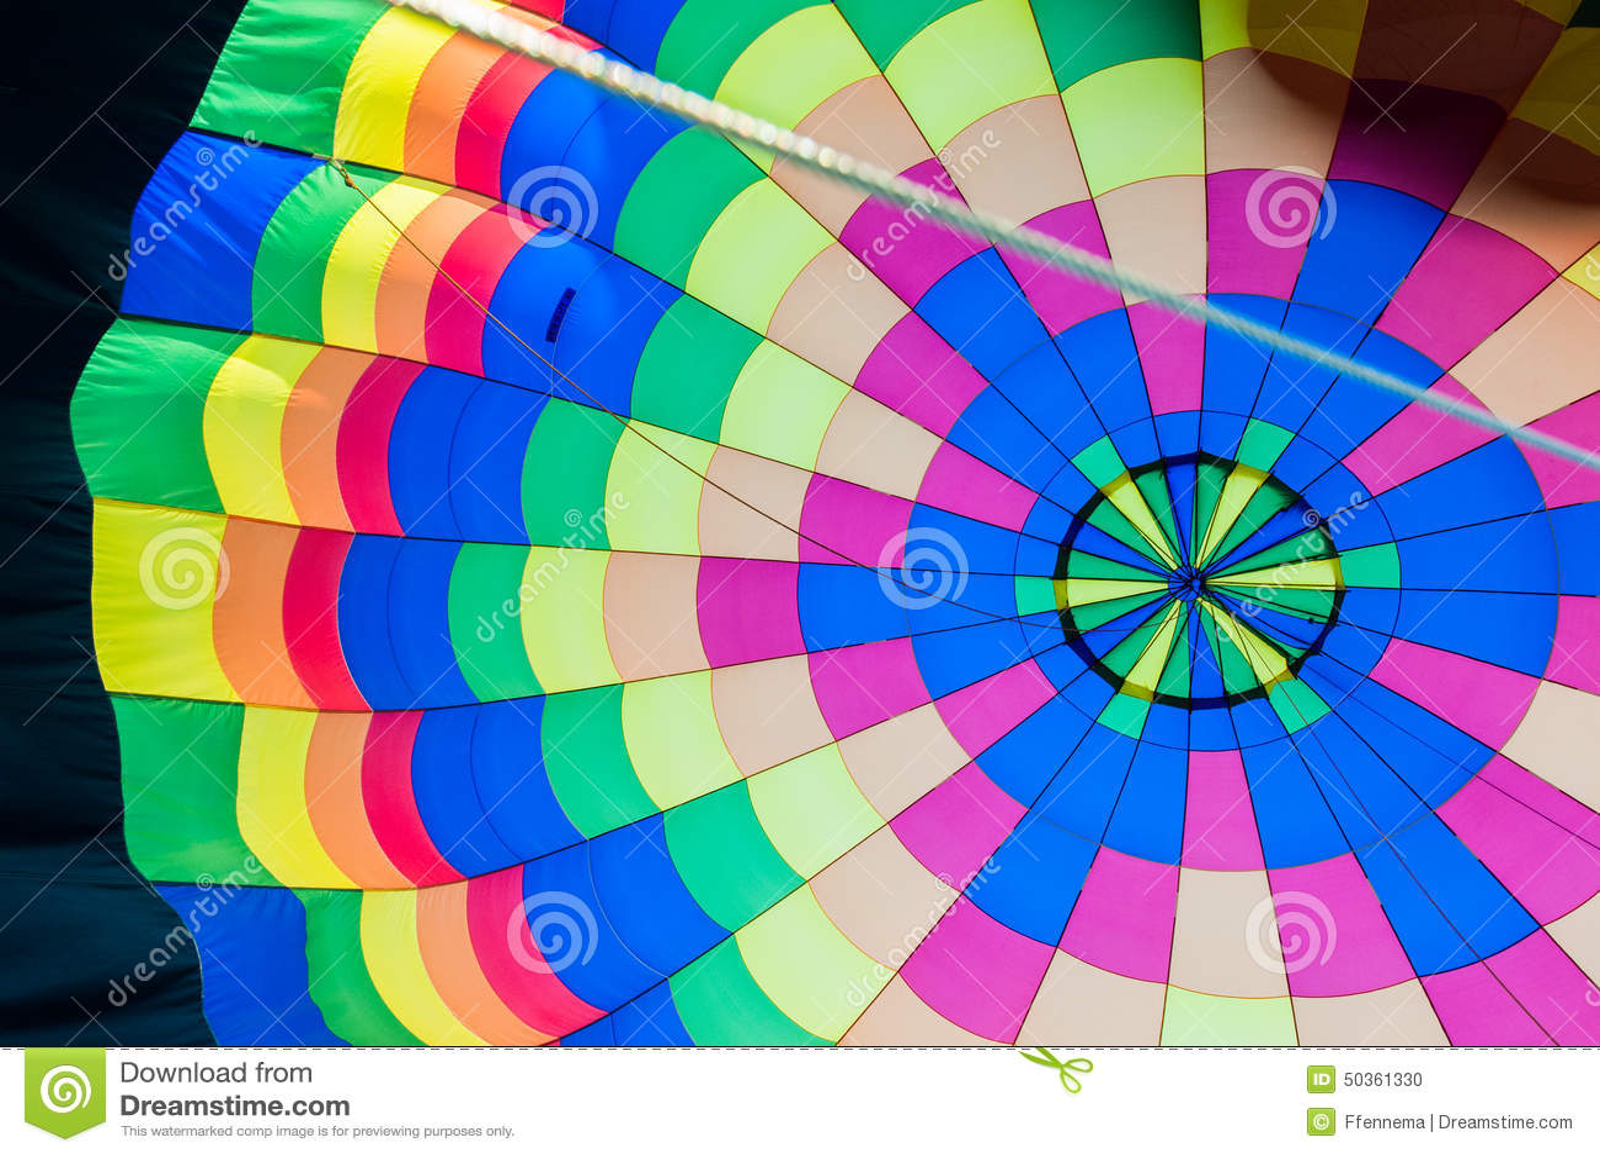 Kleur Veel Kleur : Binnen van een hete luchtballon met veel kleur stock foto